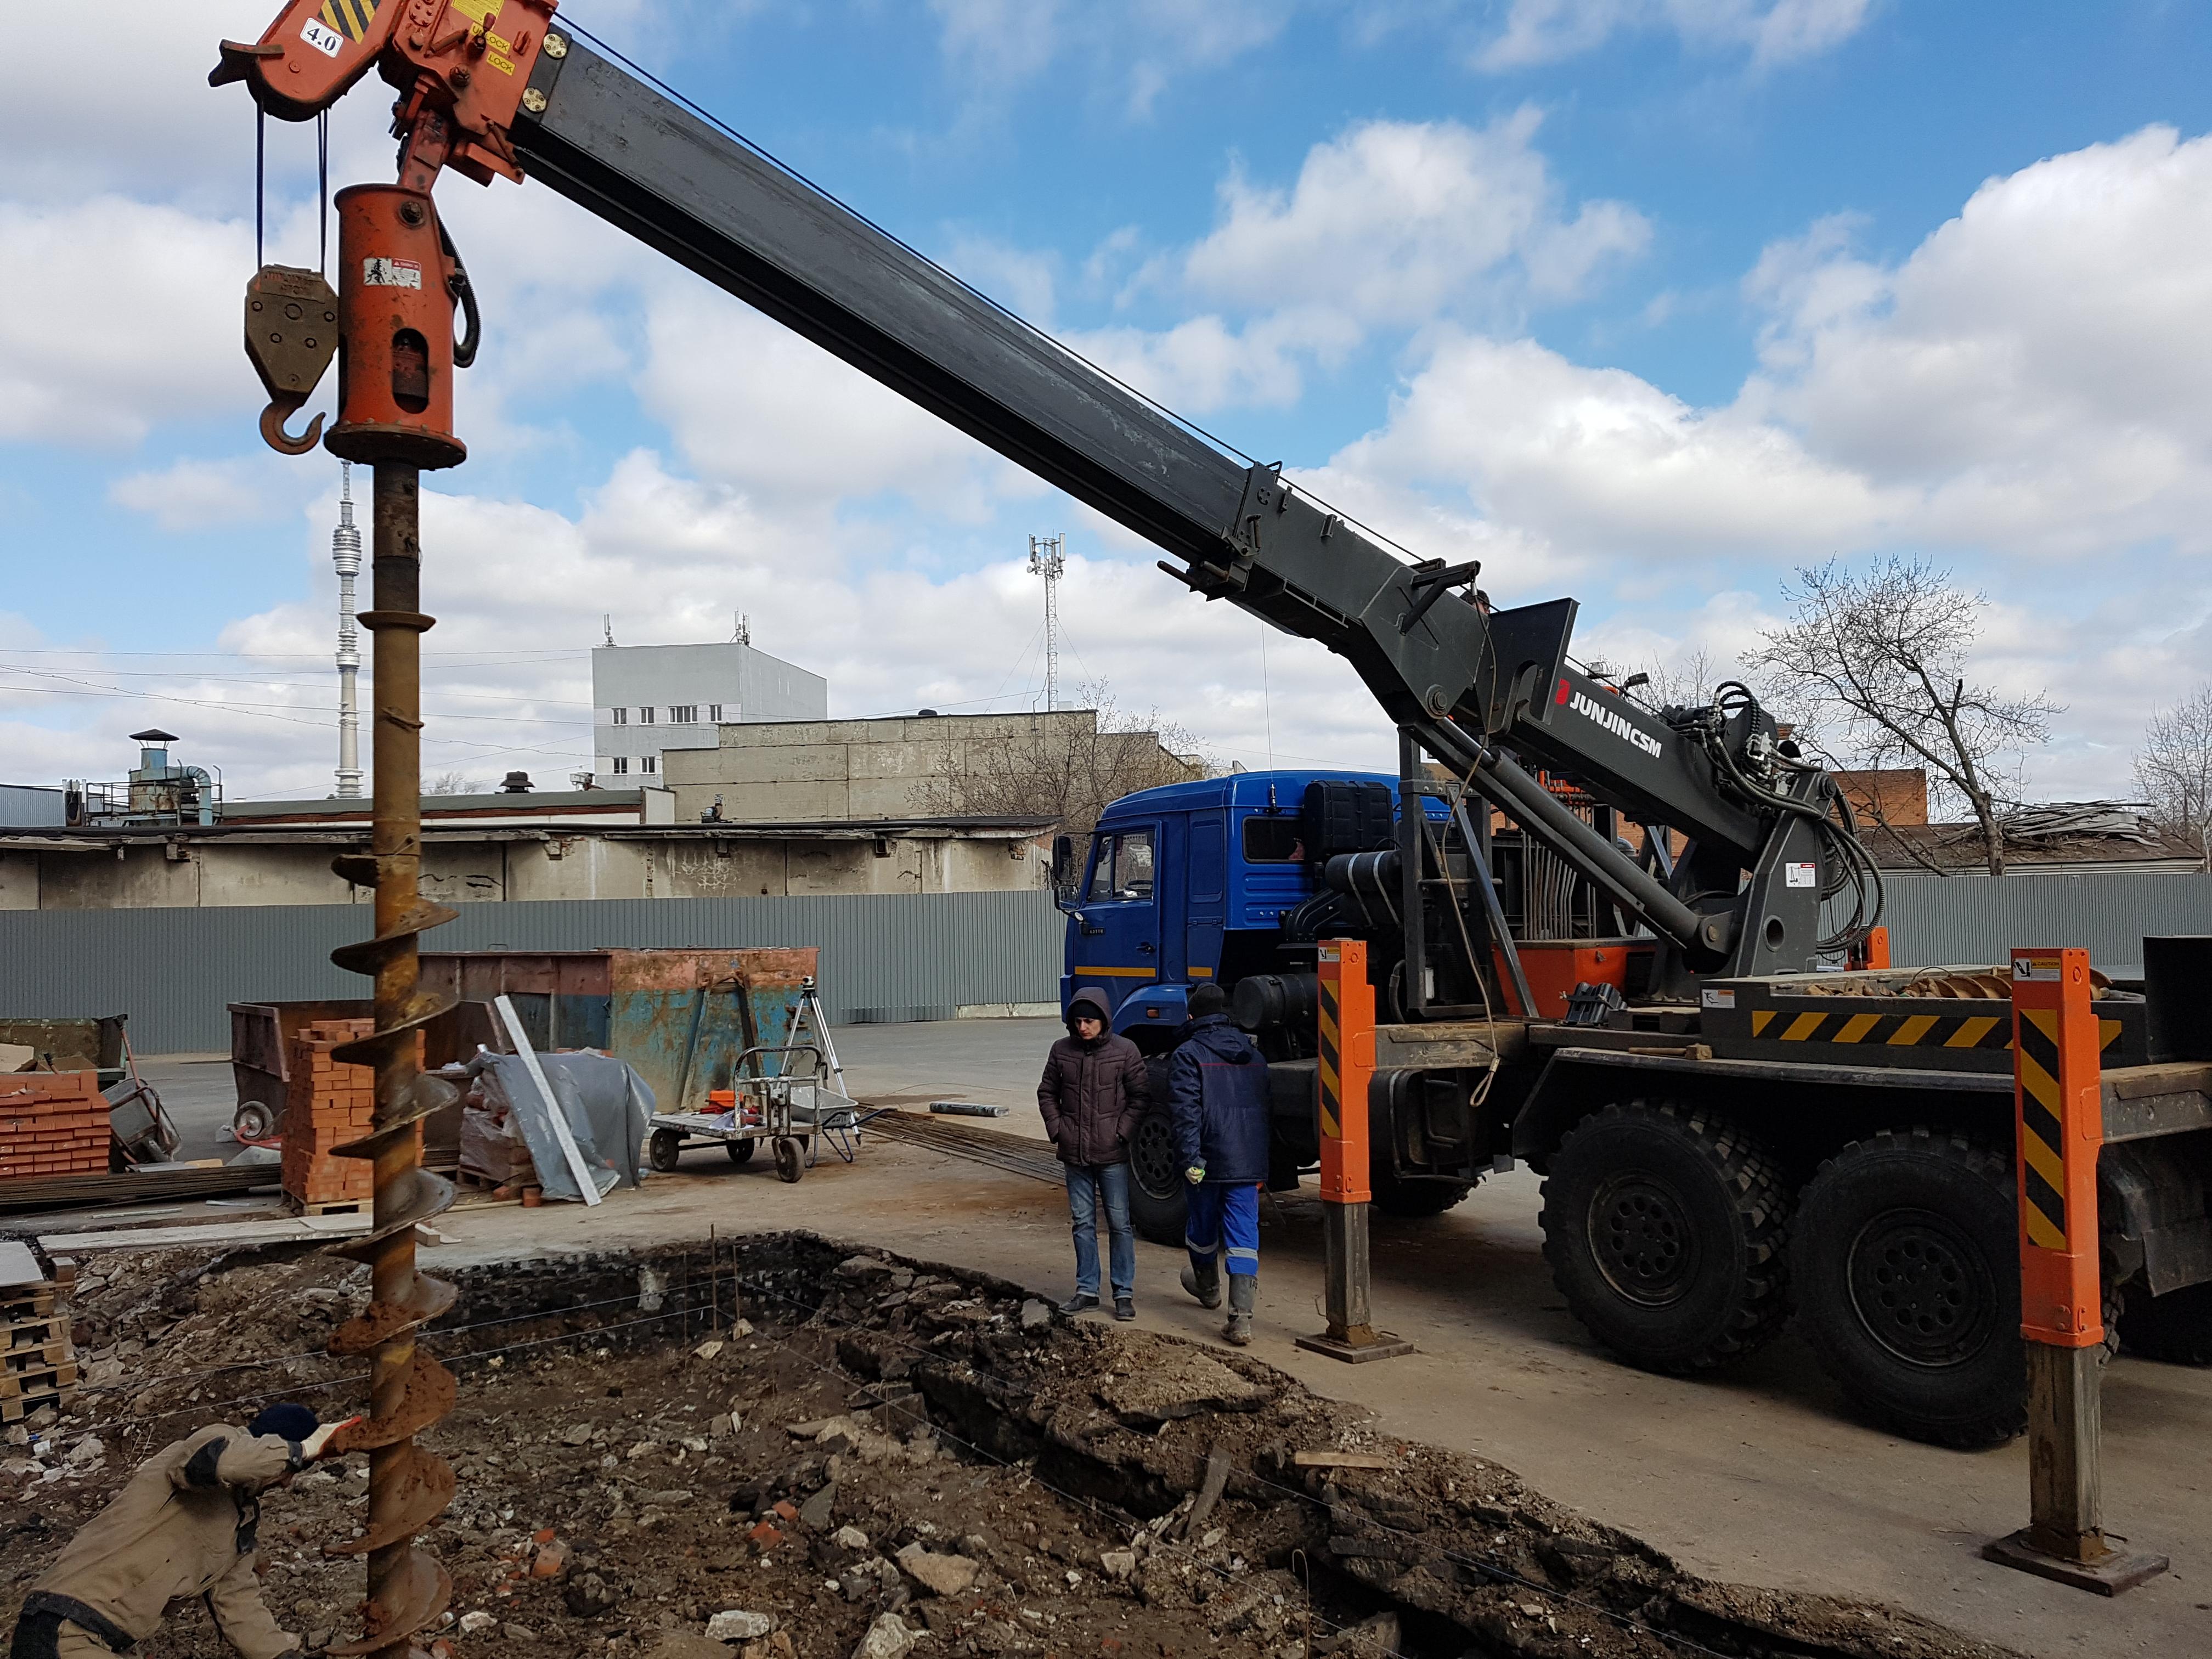 Аренда Ямобур на базе КАМАЗ 4310 (12м)